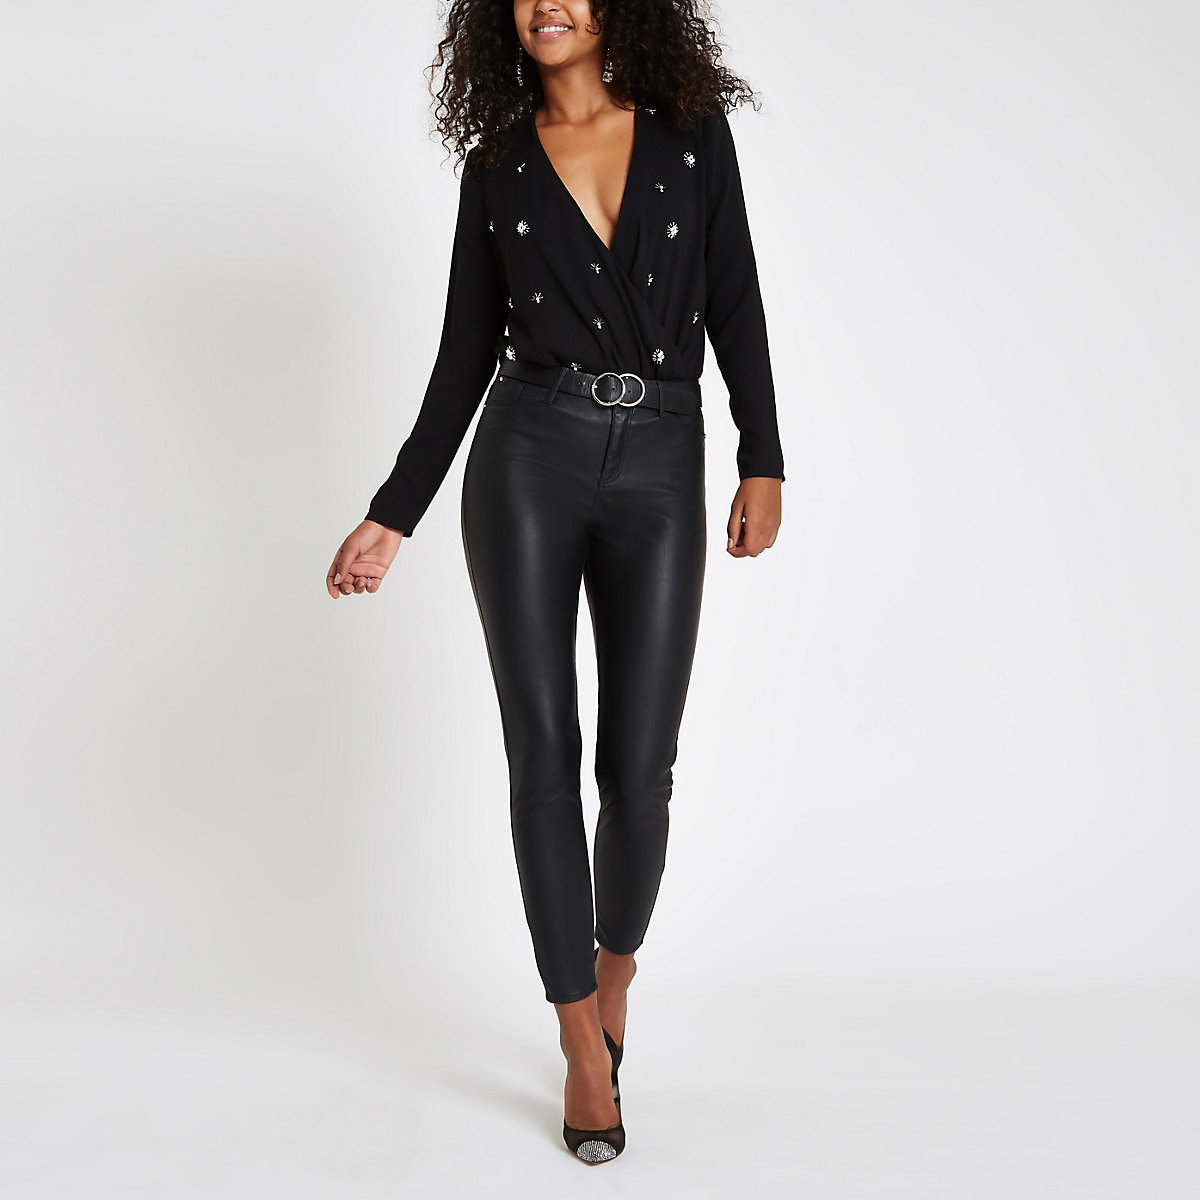 Black pearl embellished wrap front bodysuit